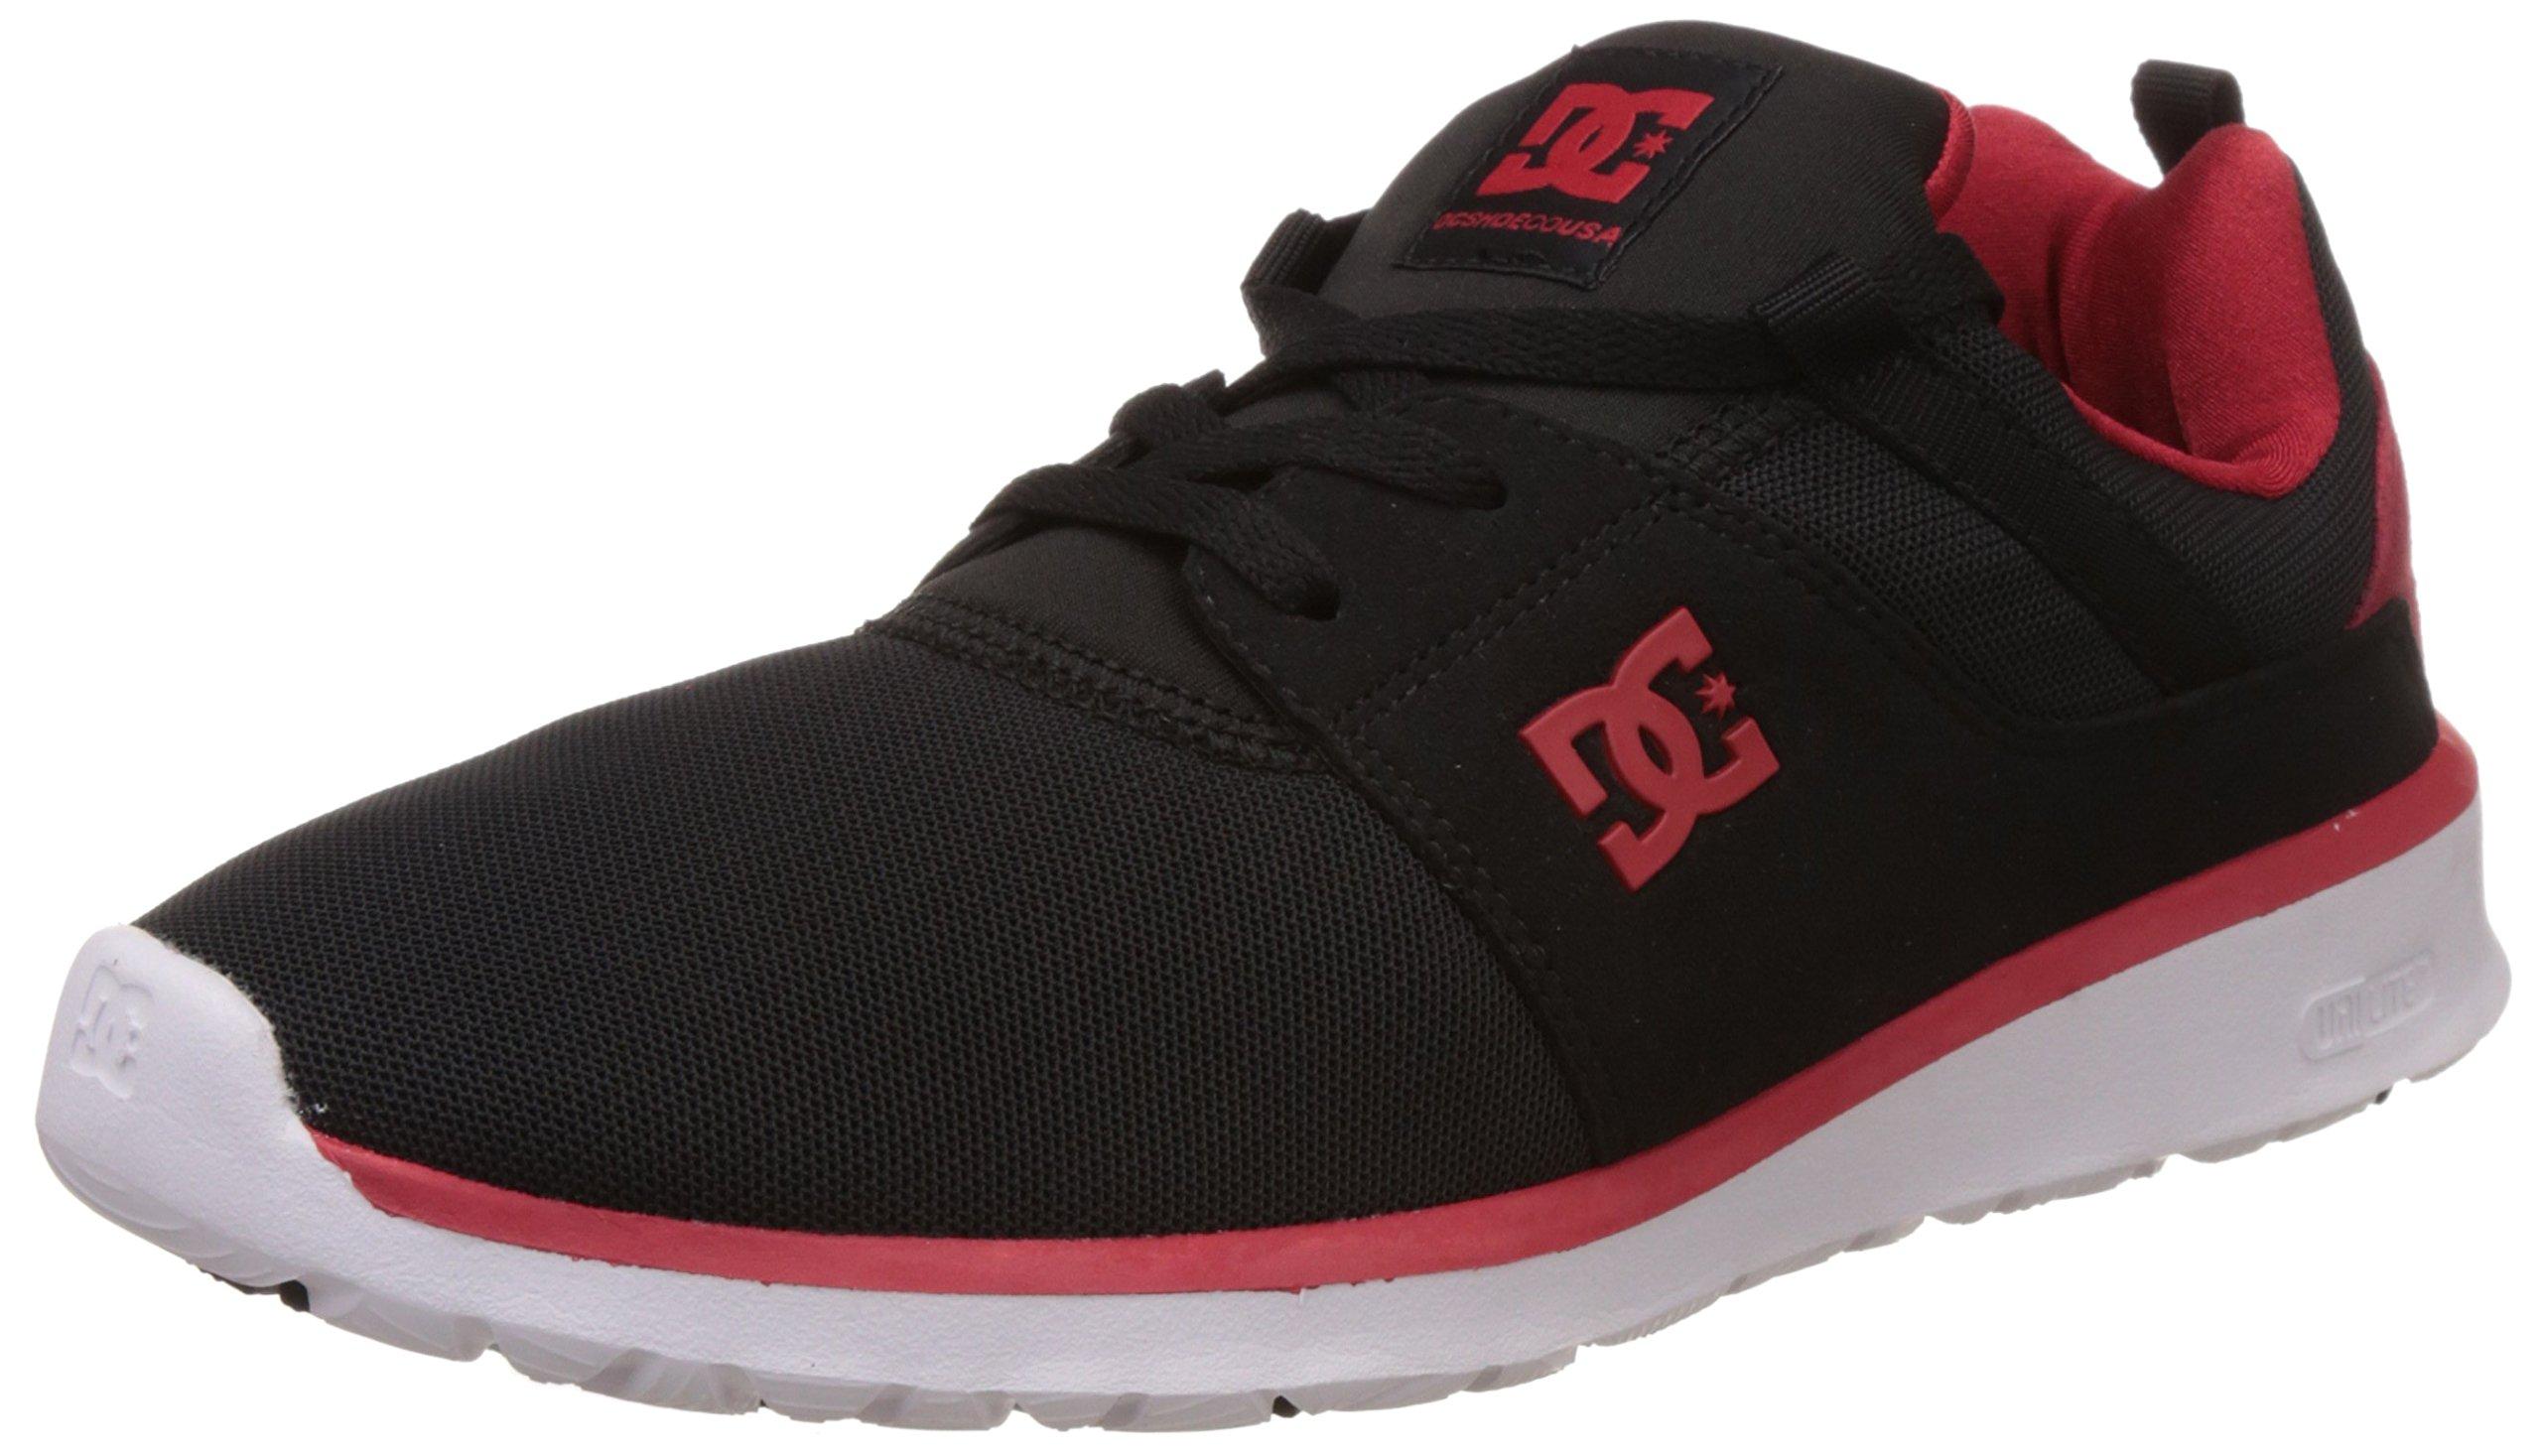 DC Shoes Heathrow M Shoe, Men's Low-Top